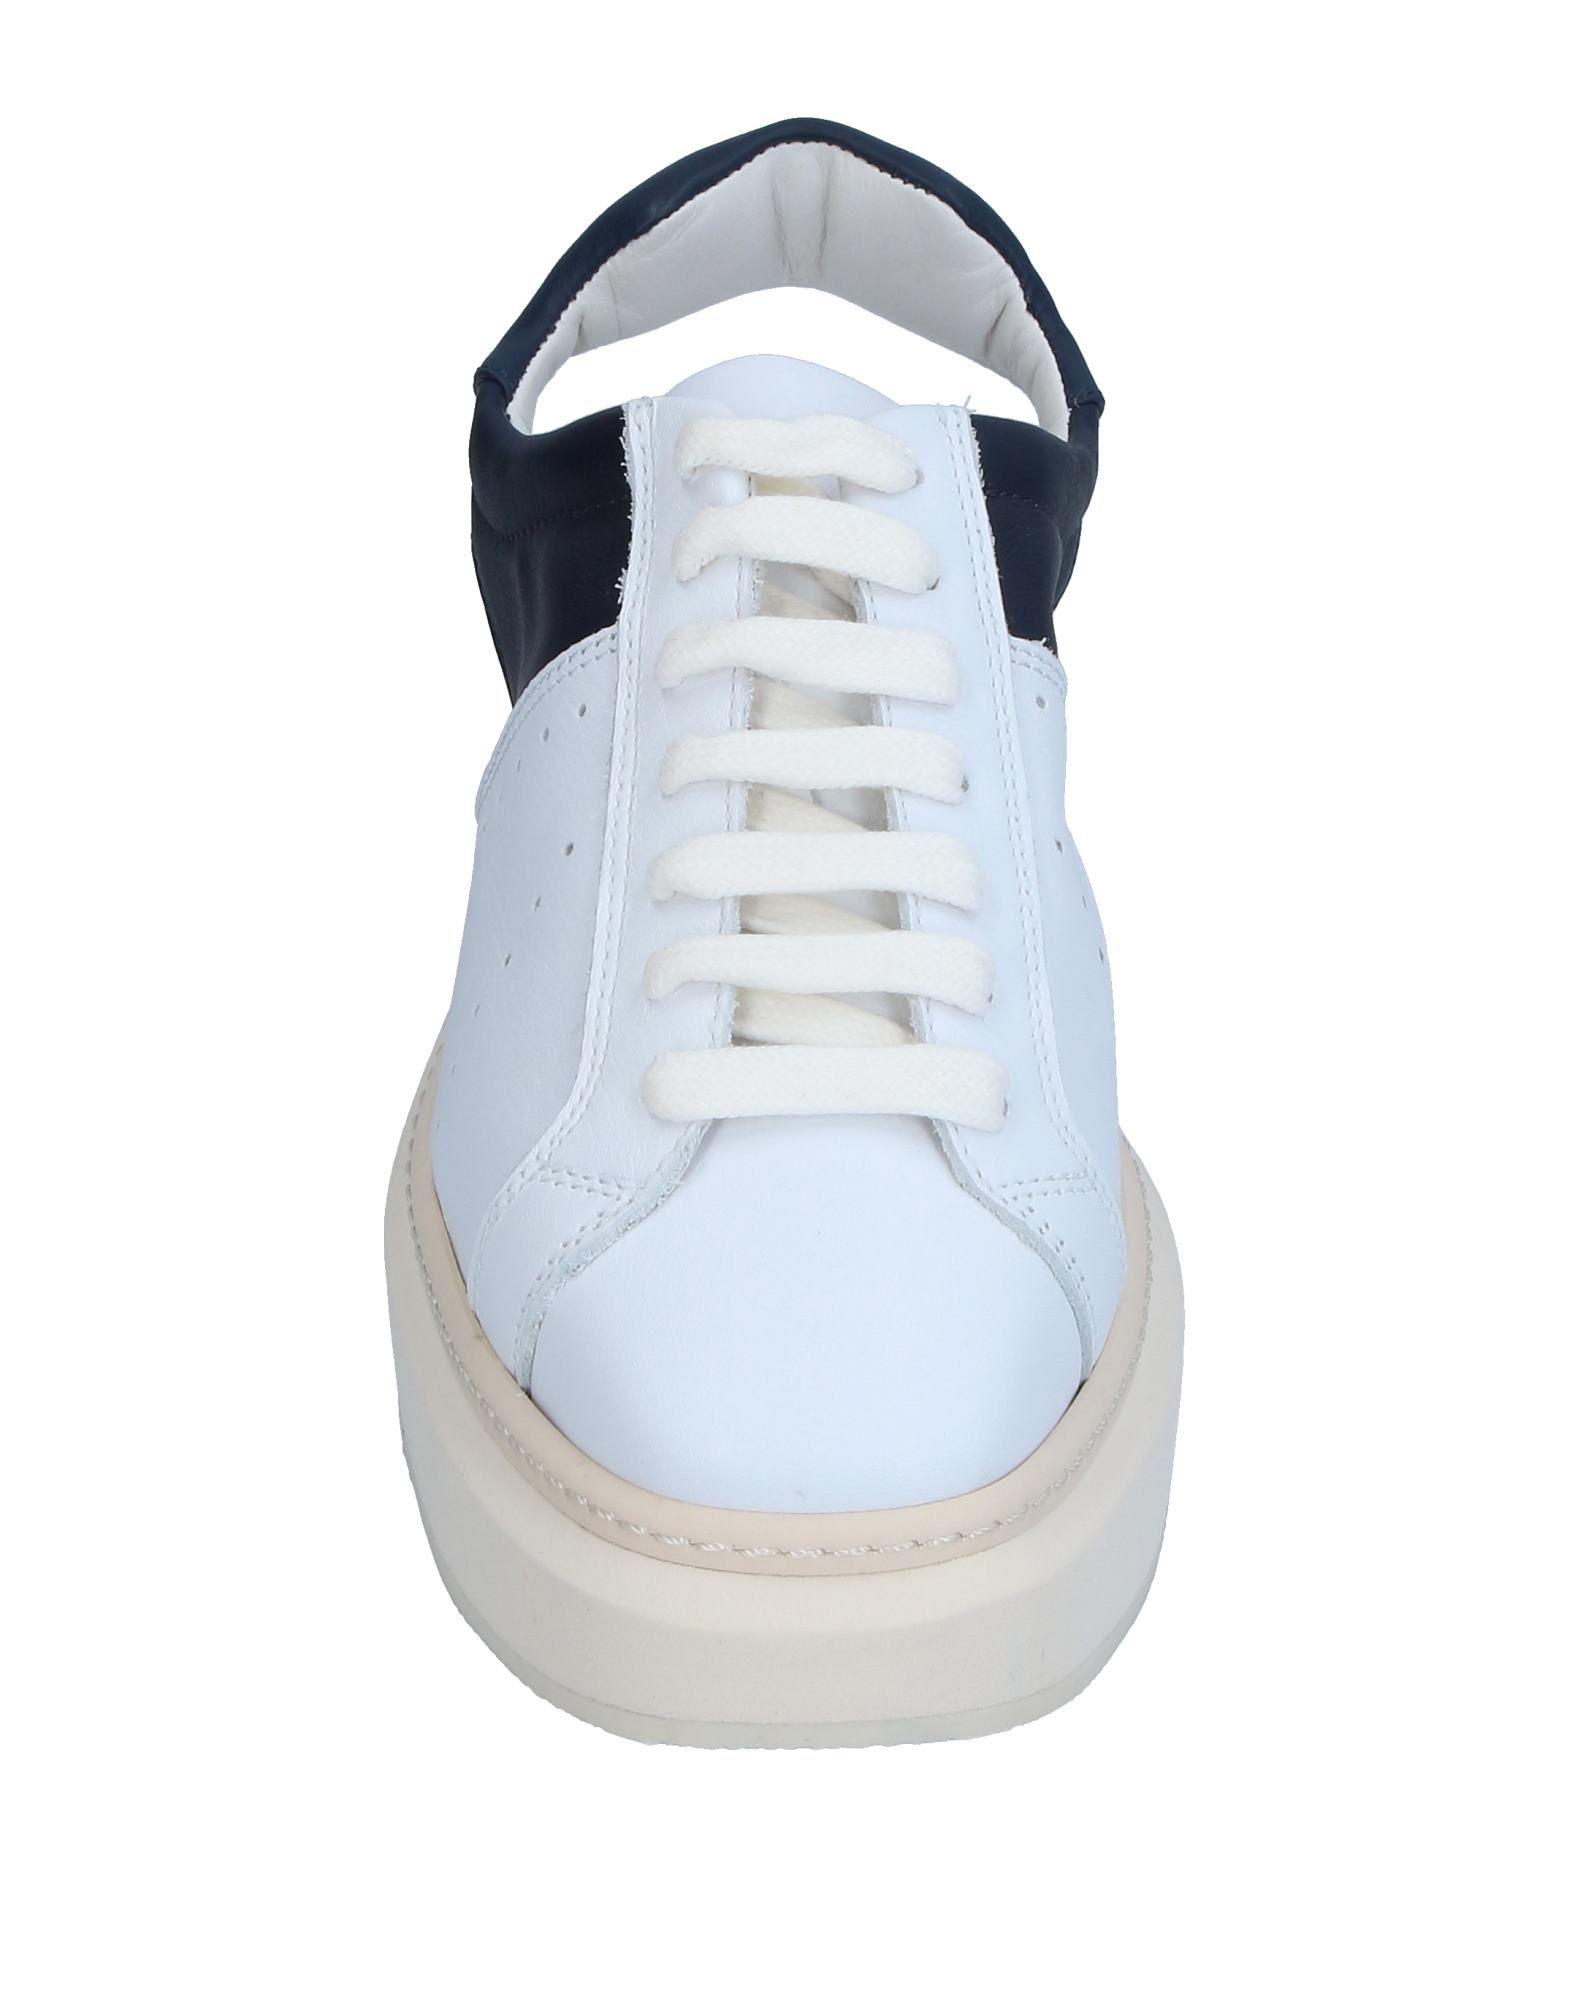 Manuel Barceló Sneakers Damen  11332045WW Gute Qualität beliebte Schuhe